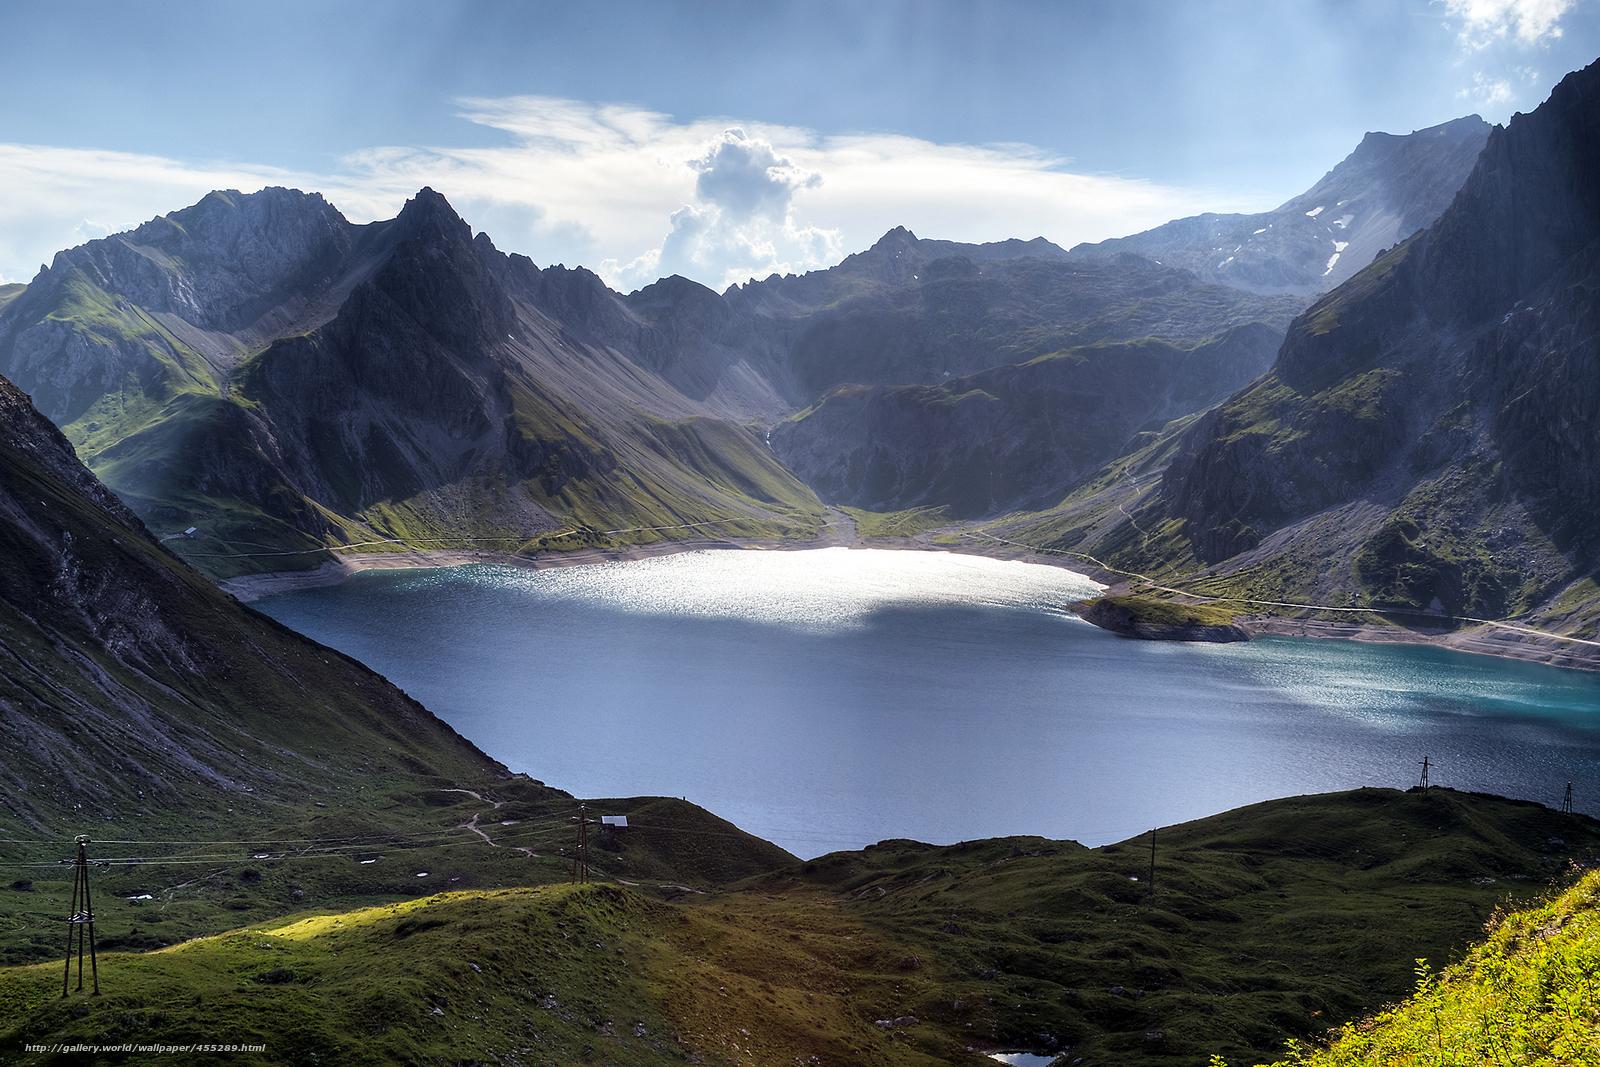 австрия горы обои на рабочий стол № 546376 бесплатно